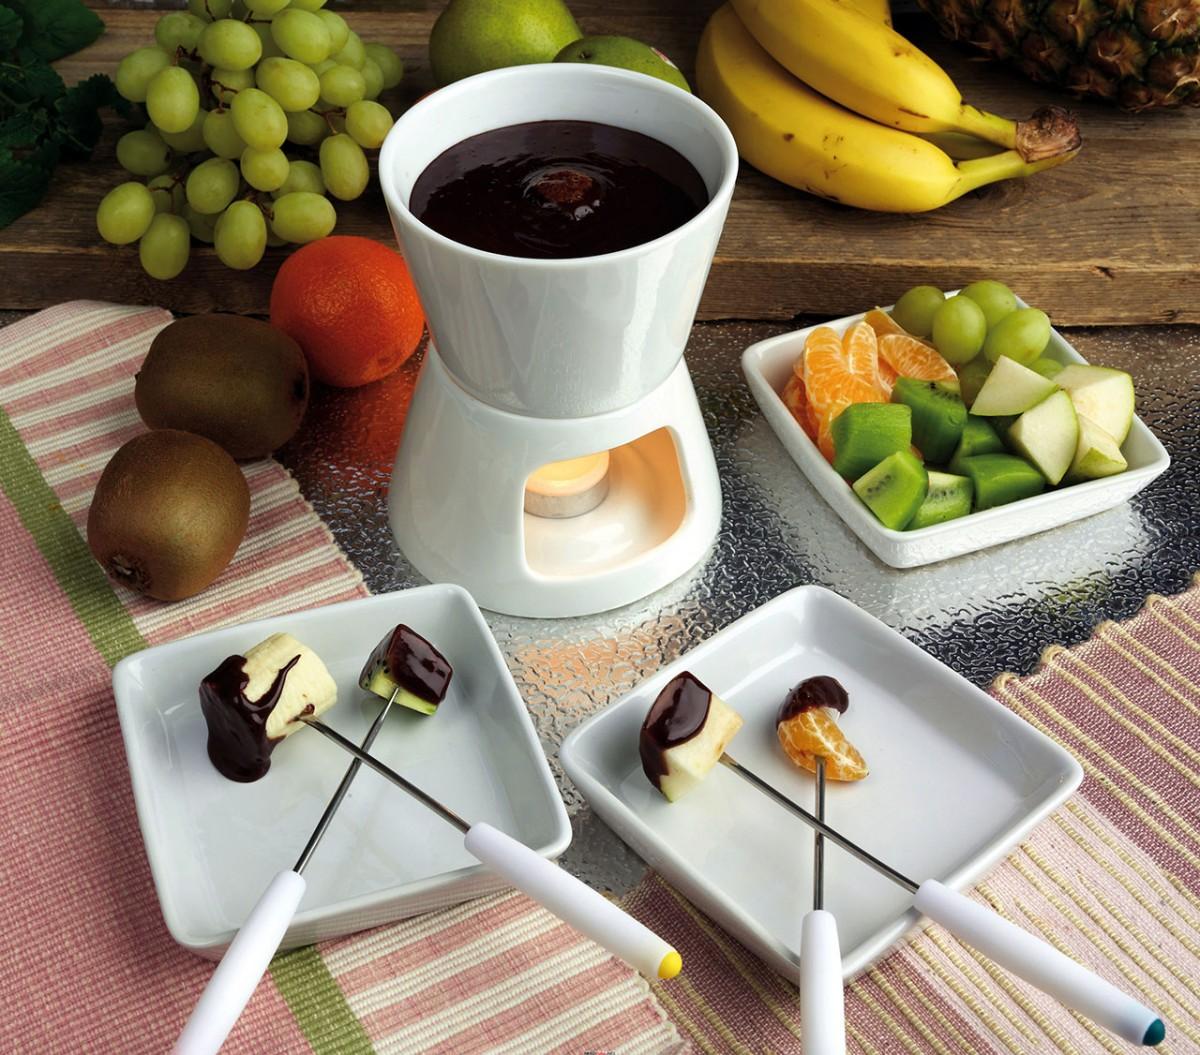 O quebra-cabeça Recolher o quebra-cabeças on-line - An invitation to a fondue